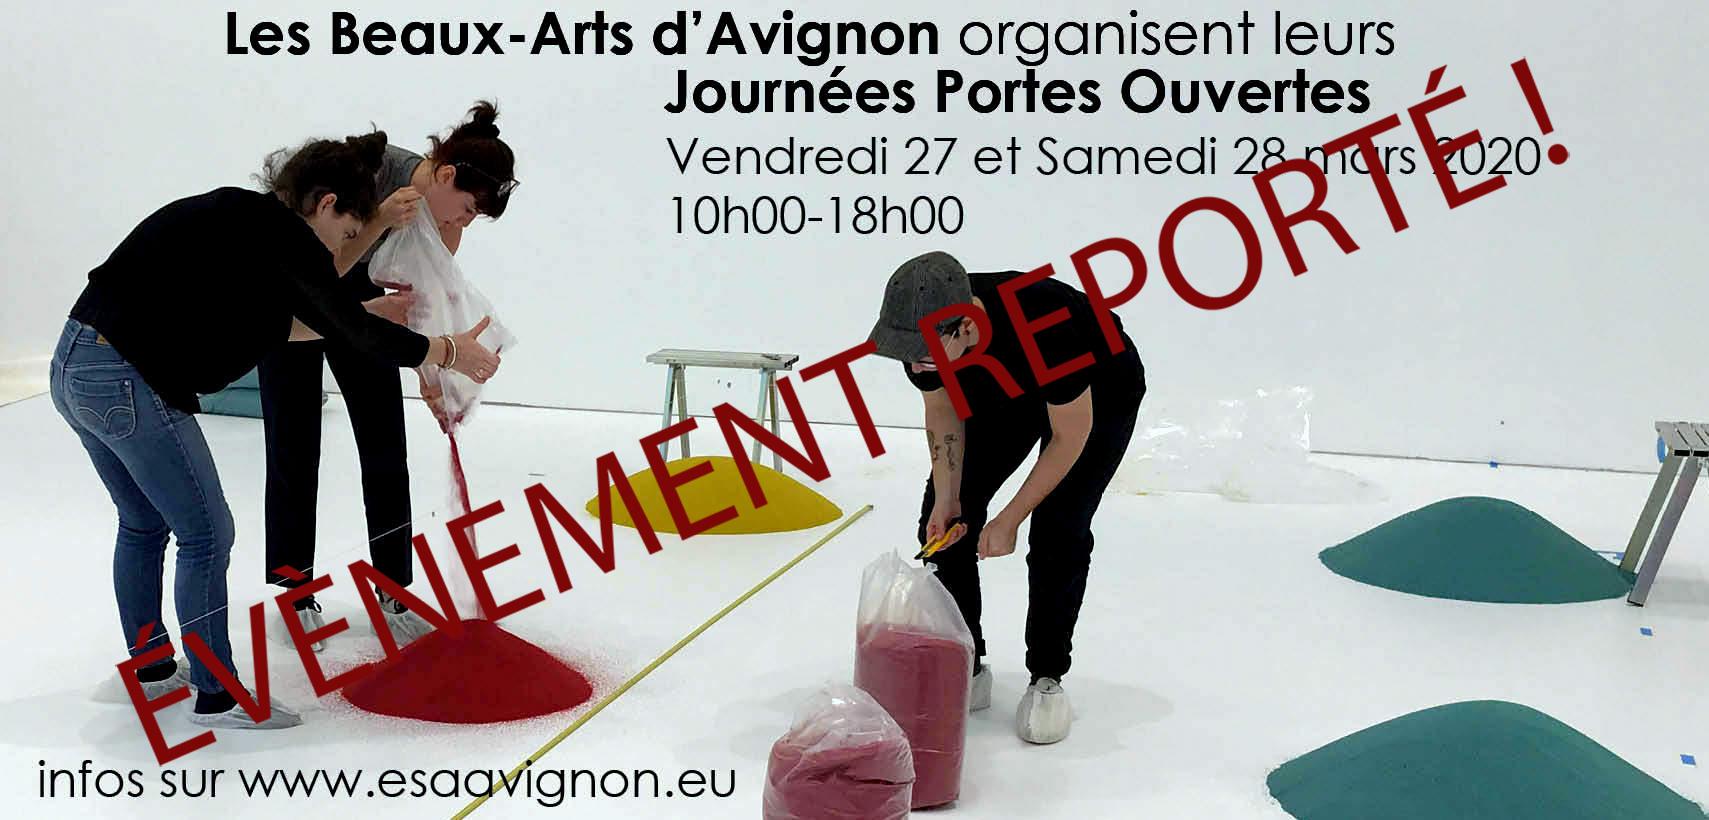 Les portes ouvertes de l'École supérieure d'art d'Avignon